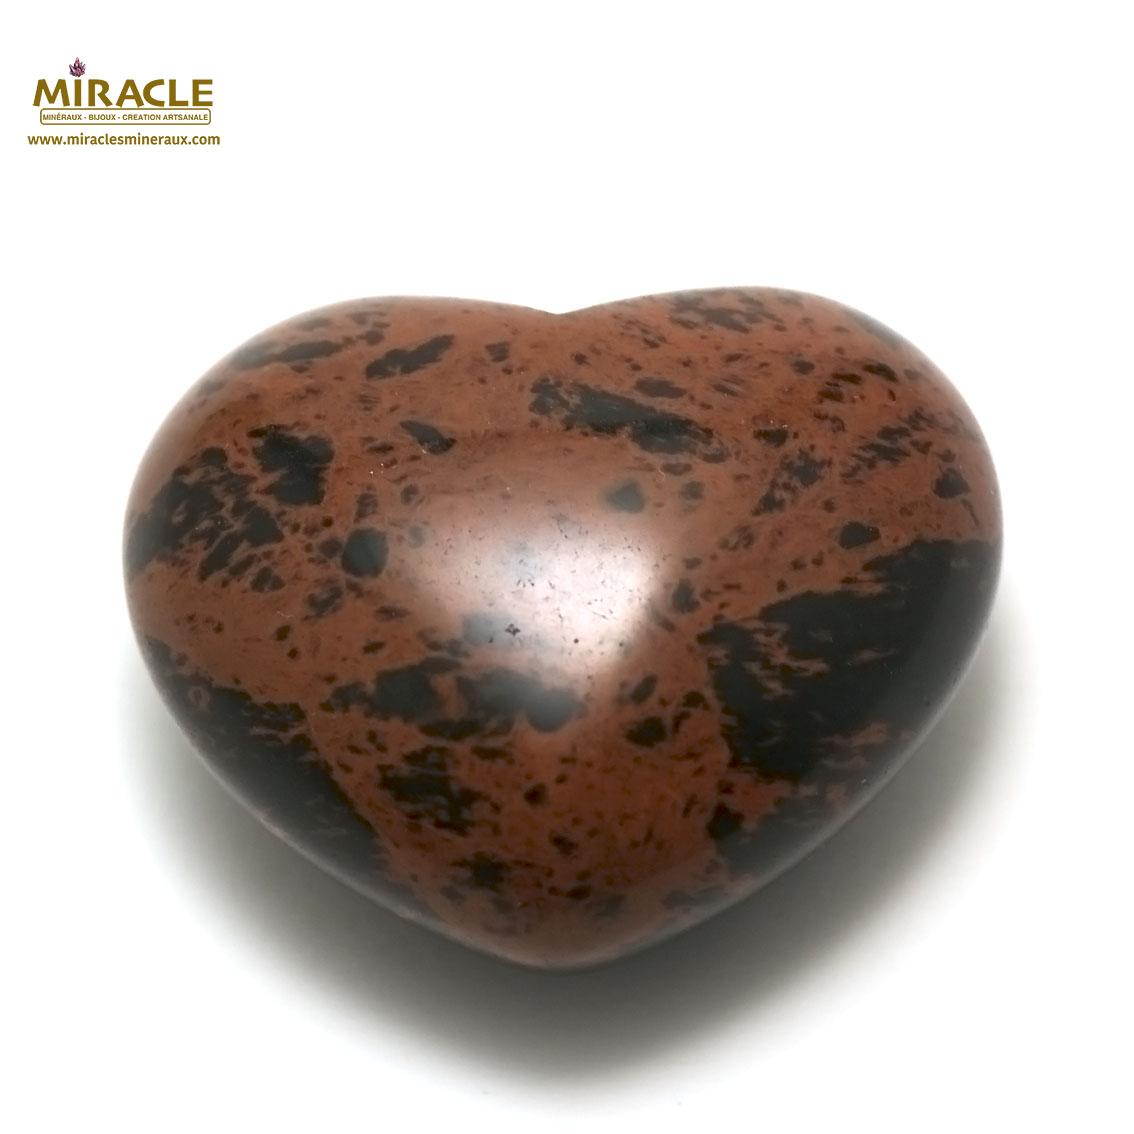 statuette minéraux coeur,pierre naturelle de jaspe mokaïte